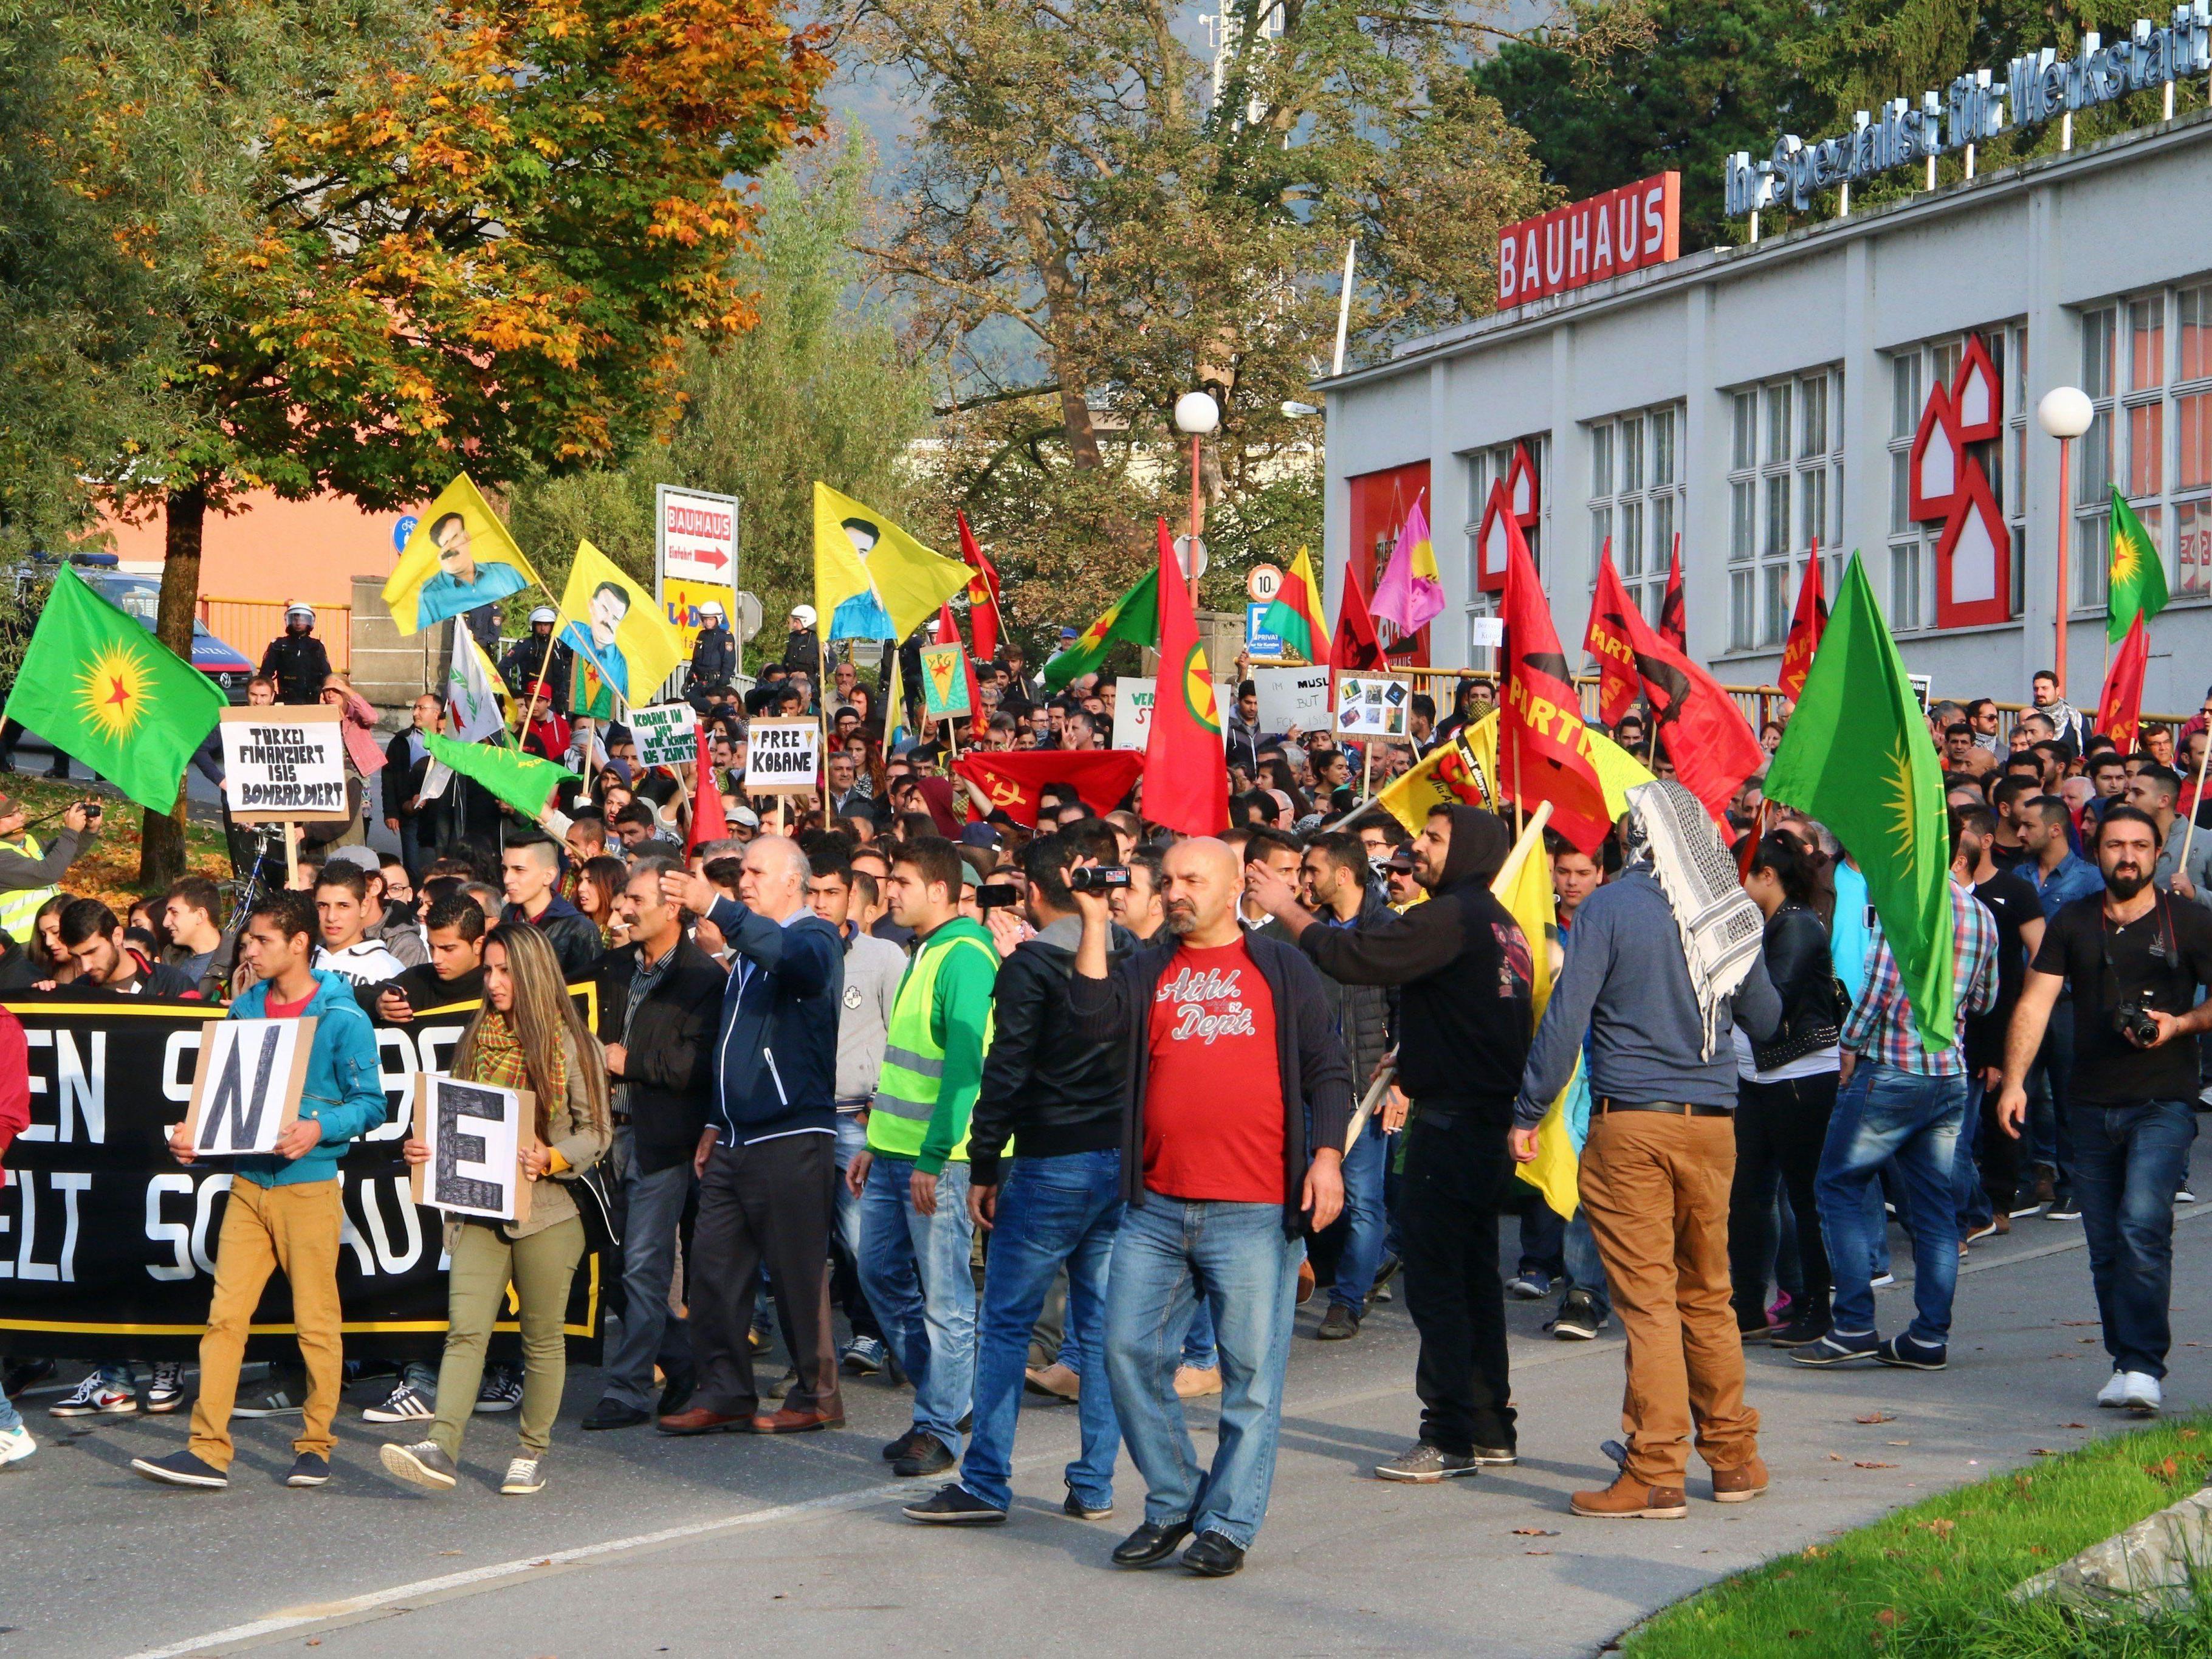 Die Vorarlberger Regierungsparteien ÖVP und Grüne finden klare Worte zu den Vorkommnissen am Samstag in Bregenz.